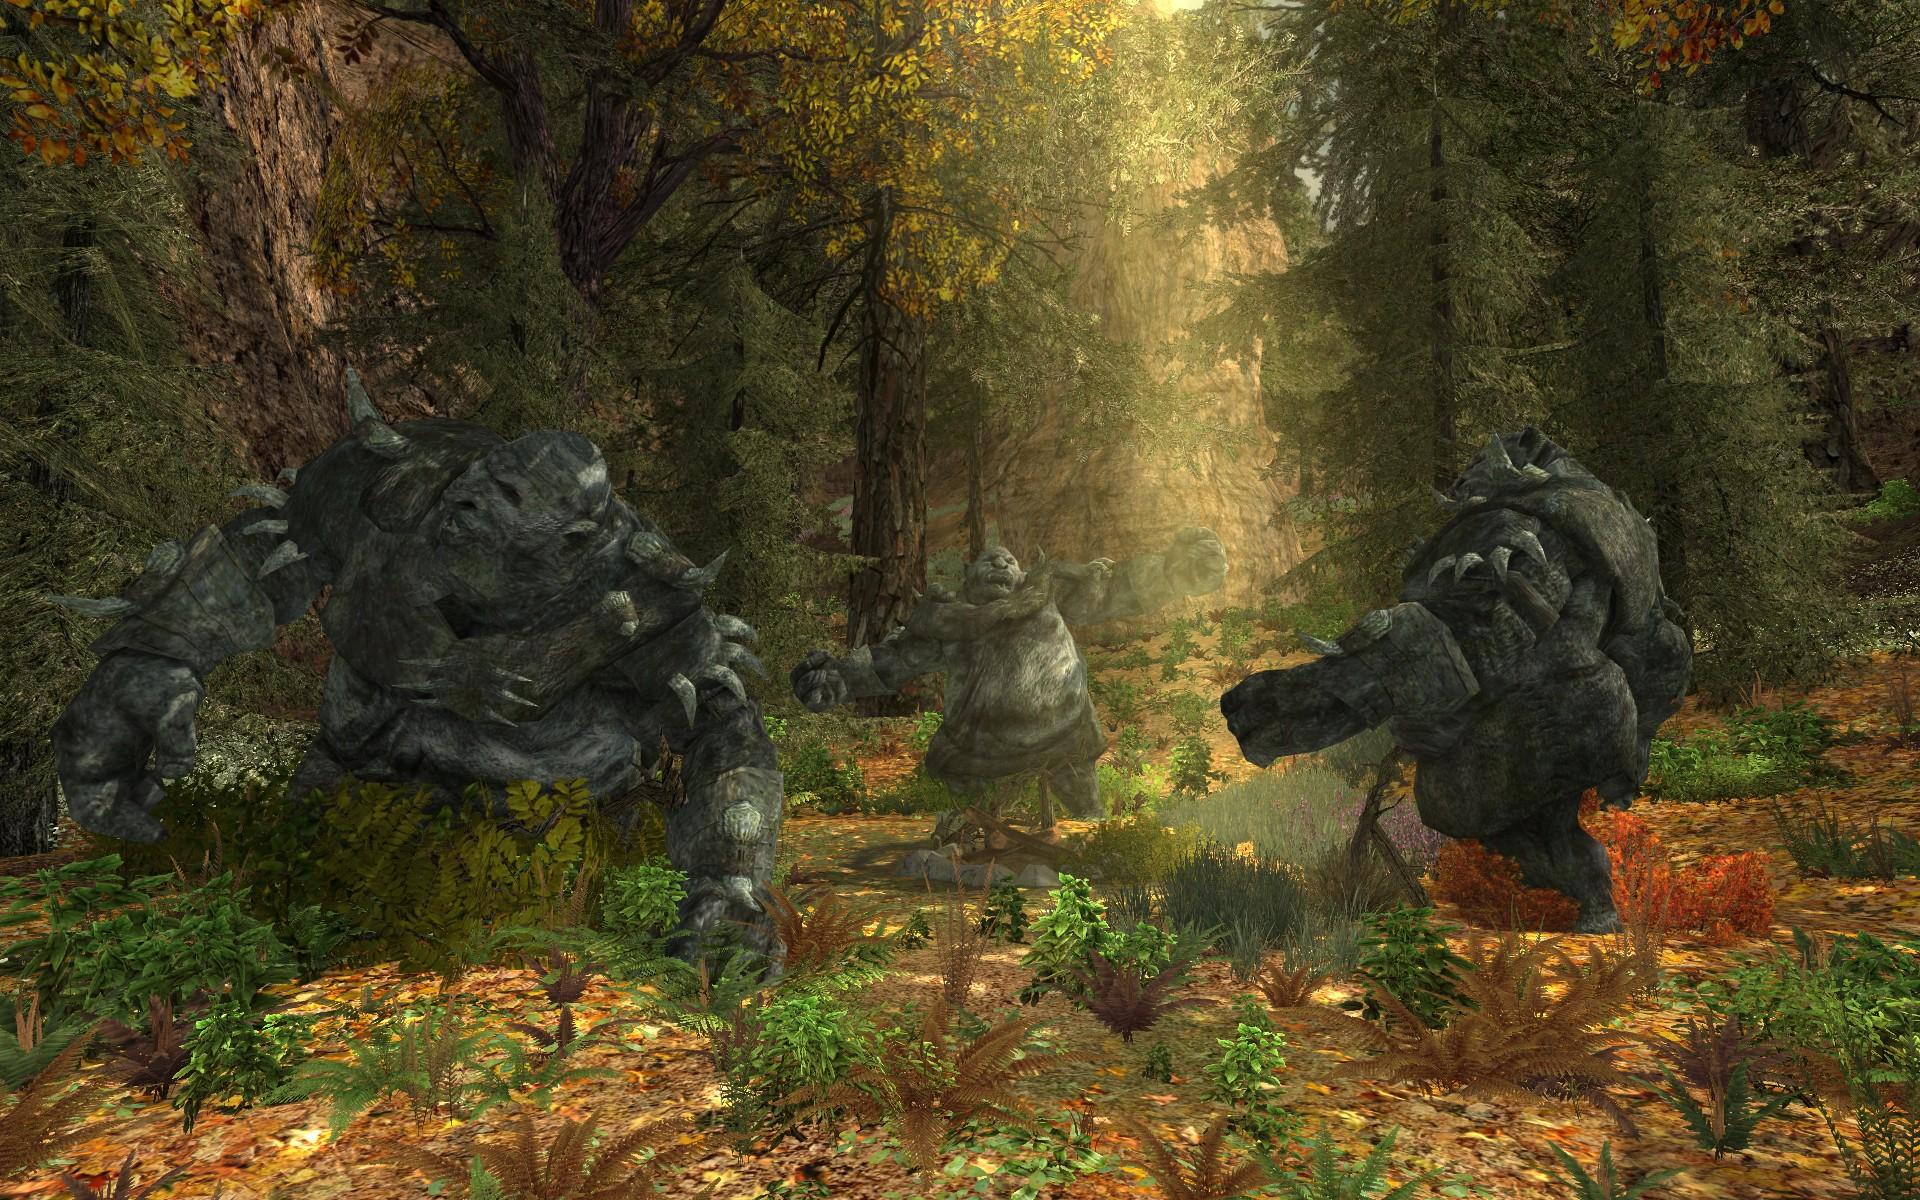 『ロード・オブ・ザ・リングス オンライン』における3人のトロルの石像